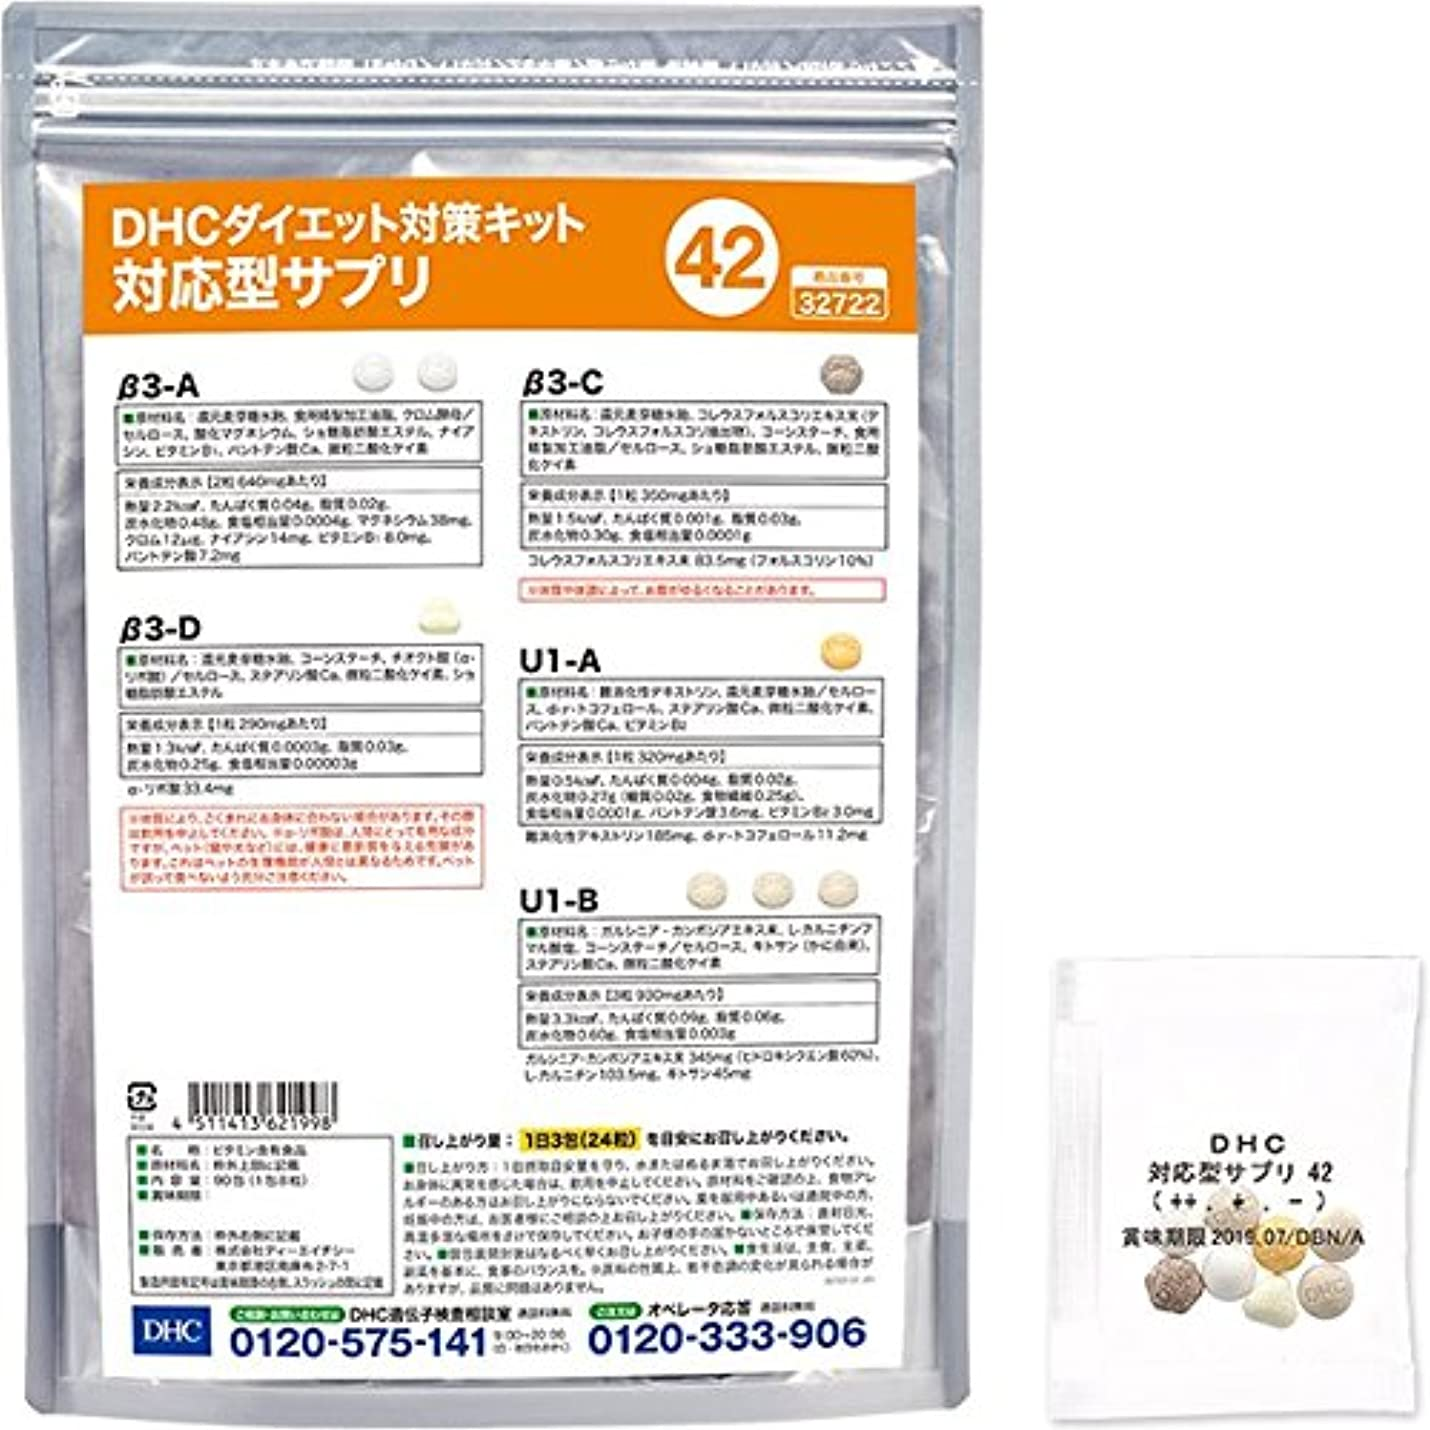 経験的派手眠りDHCダイエット対策キット対応型サプリ42